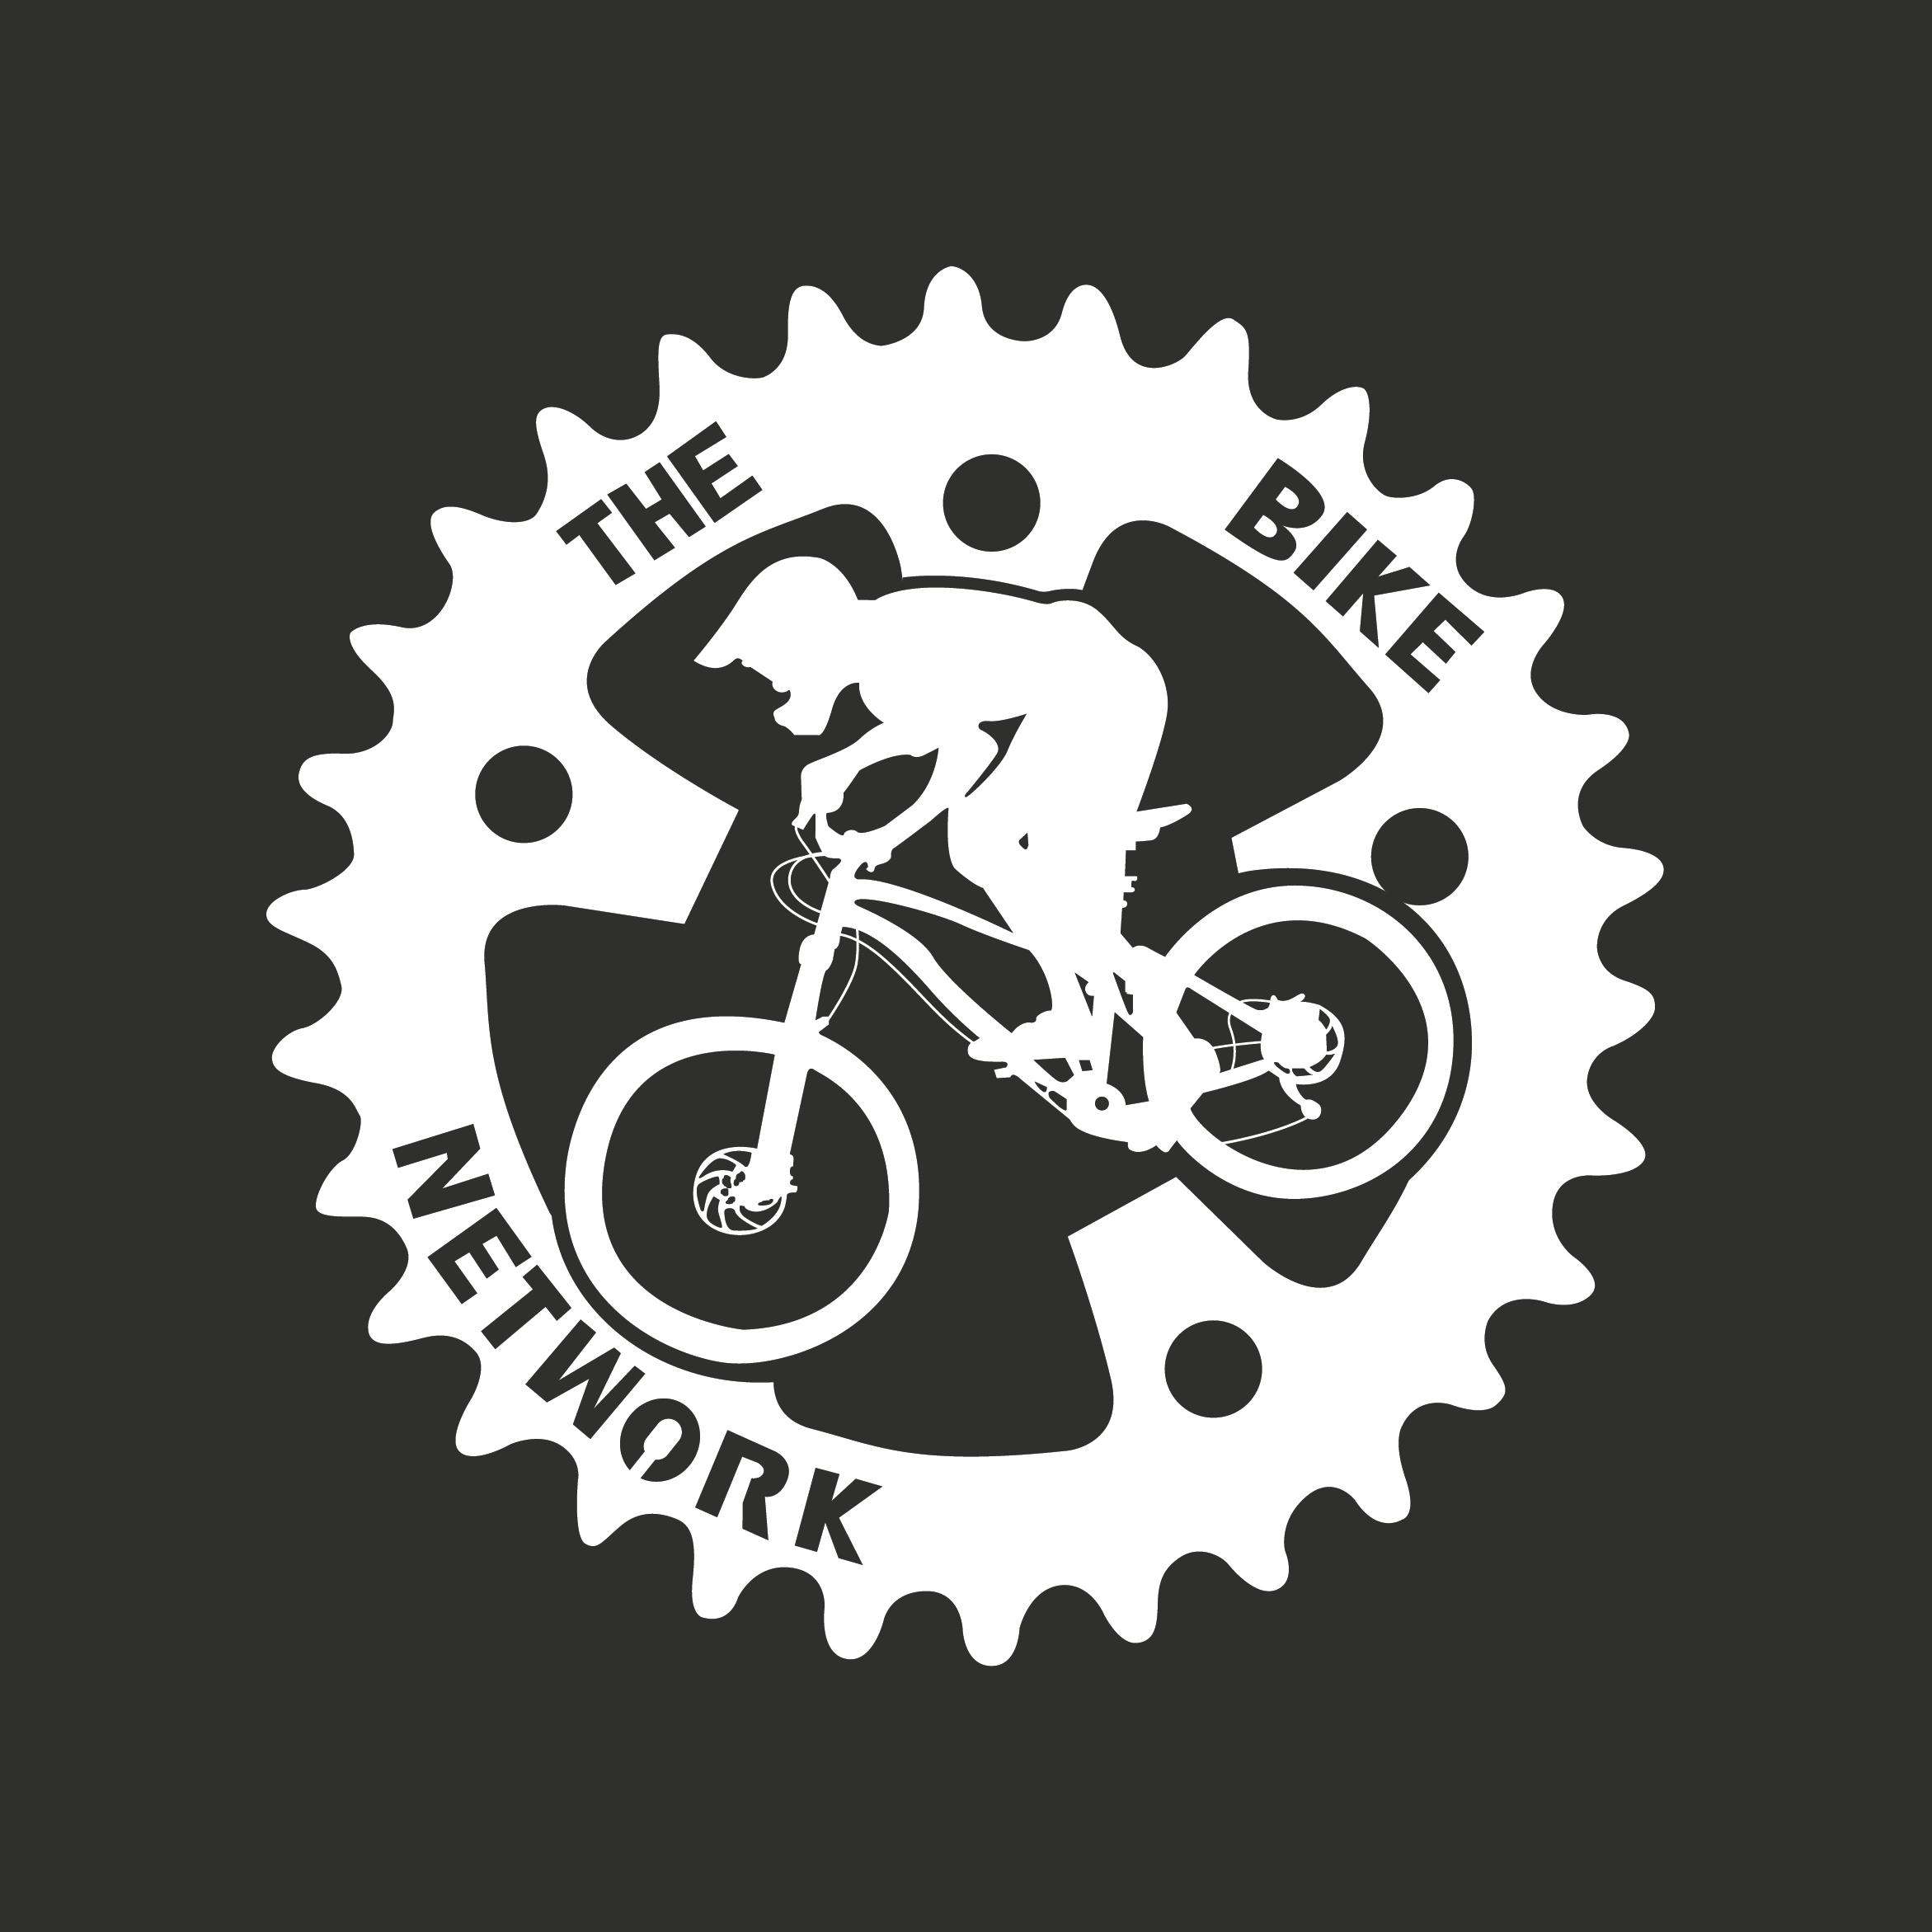 The Bike Network